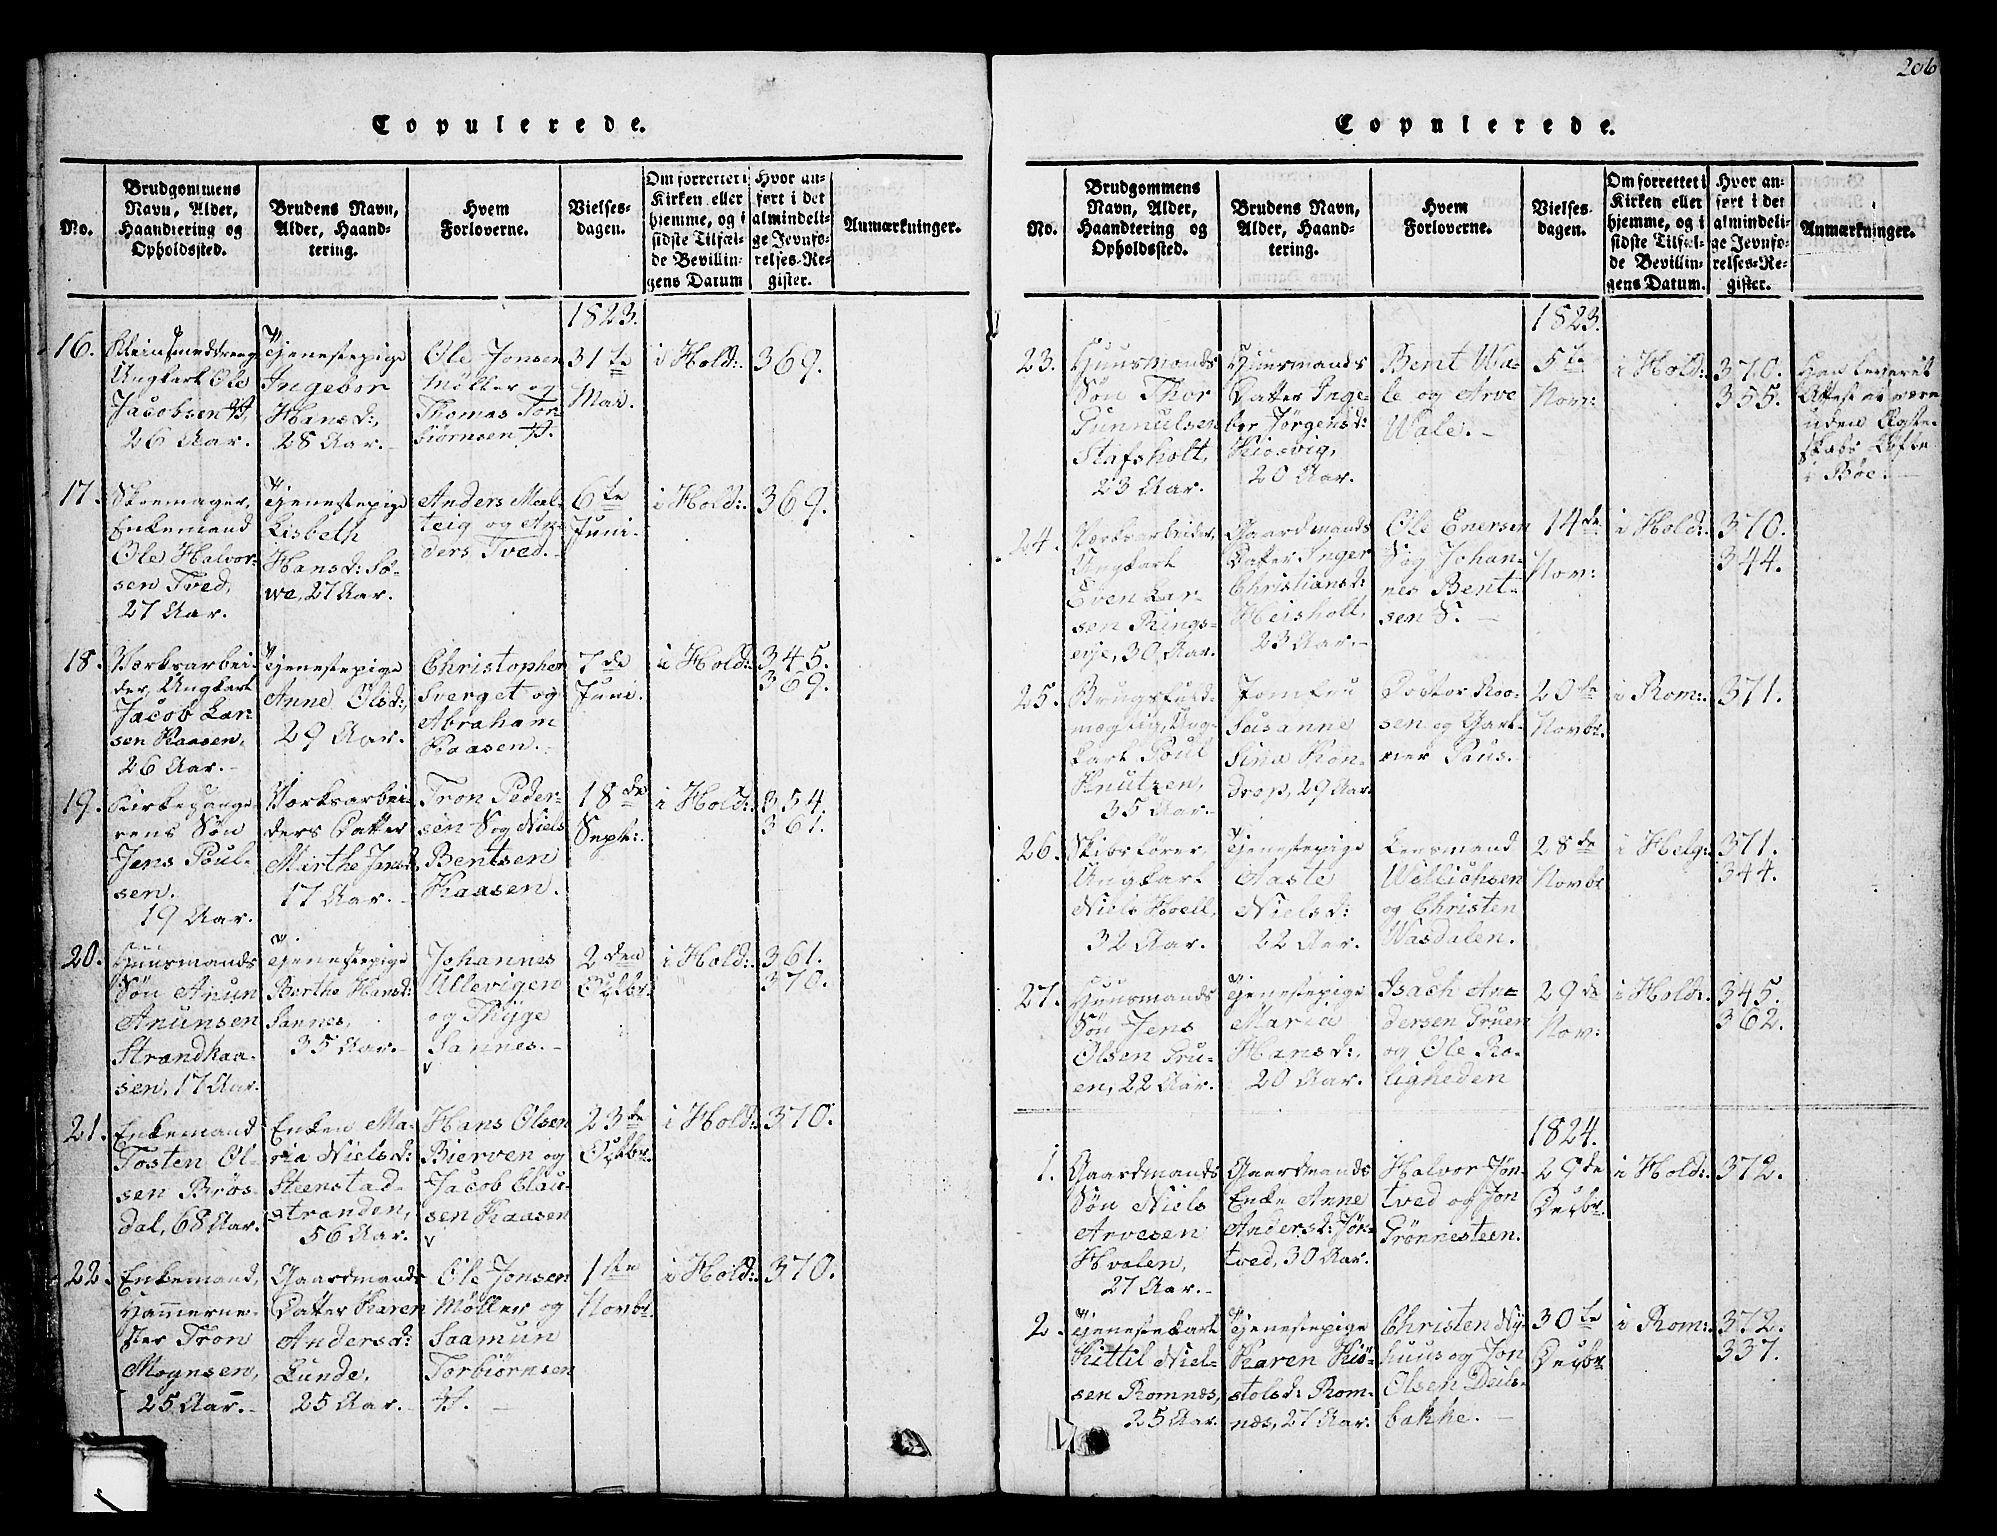 SAKO, Holla kirkebøker, G/Ga/L0001: Klokkerbok nr. I 1, 1814-1830, s. 206